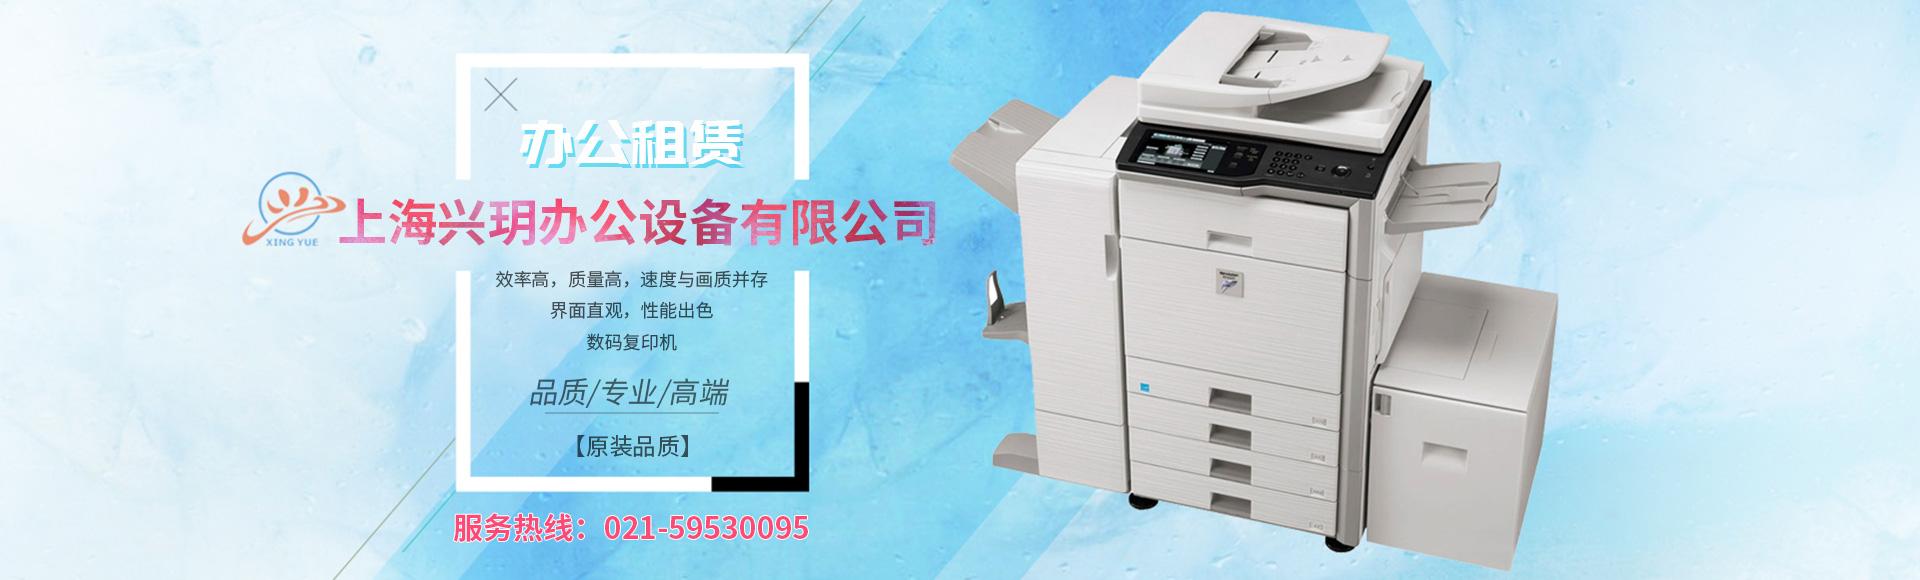 黑白打印机京瓷FS-1060DN